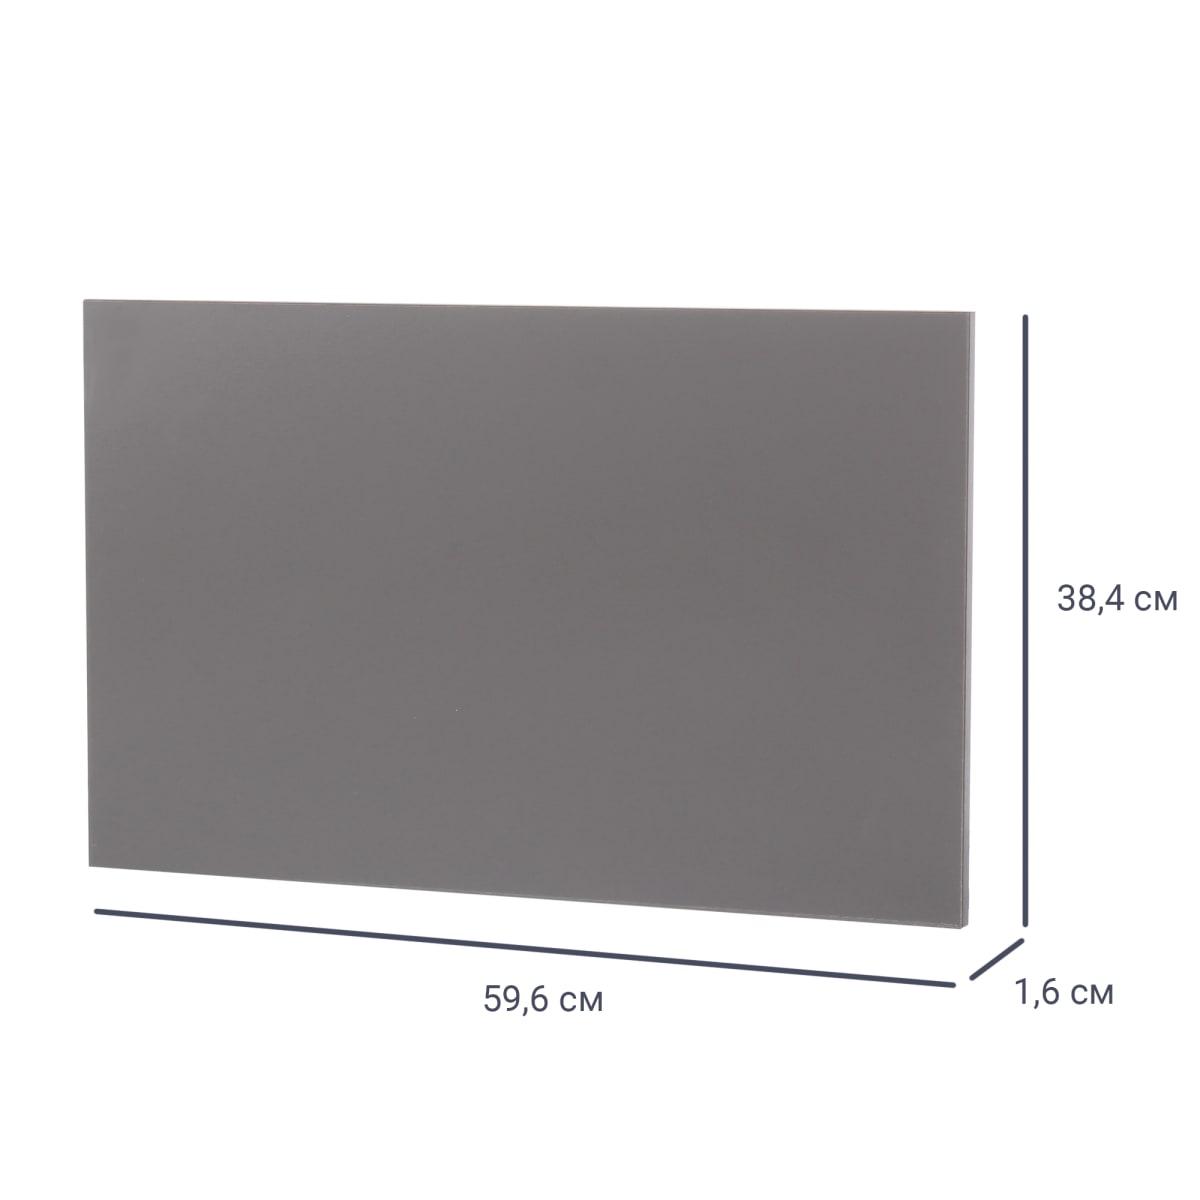 Дверь МФ 38x59,6x1.6 см, цвет графит